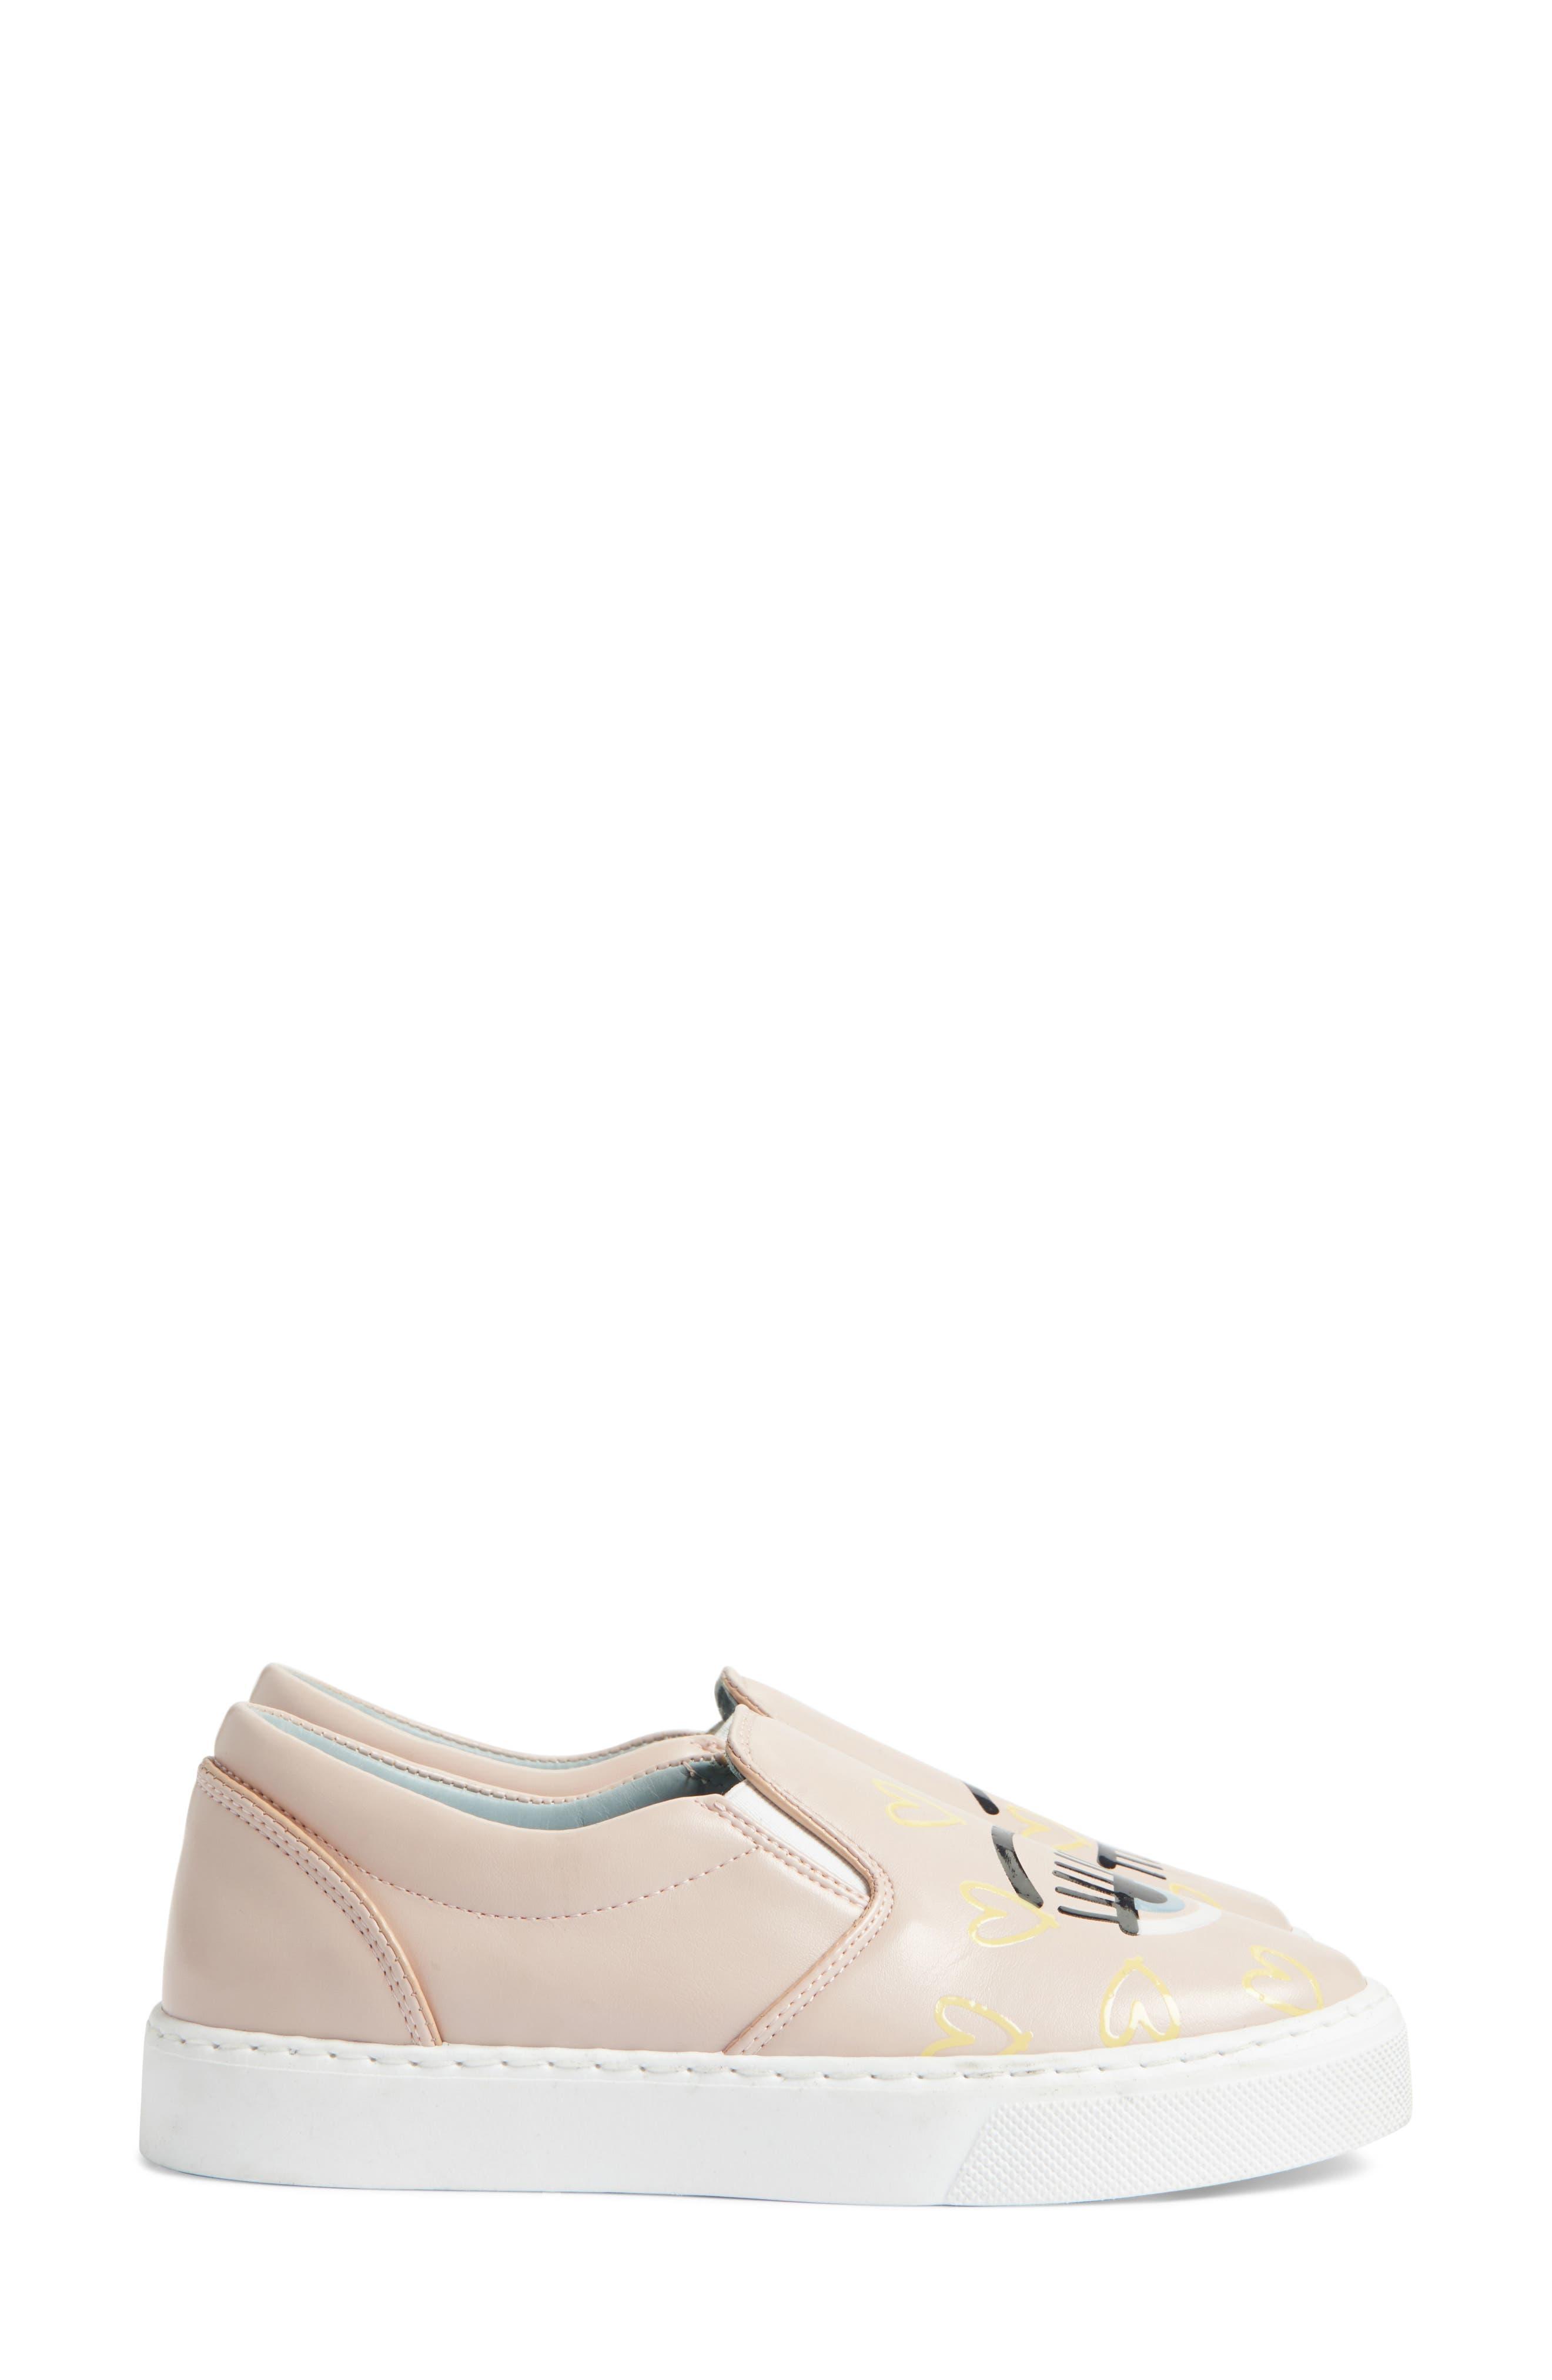 Candy Flirting Slip-On Sneaker,                             Alternate thumbnail 4, color,                             Pink